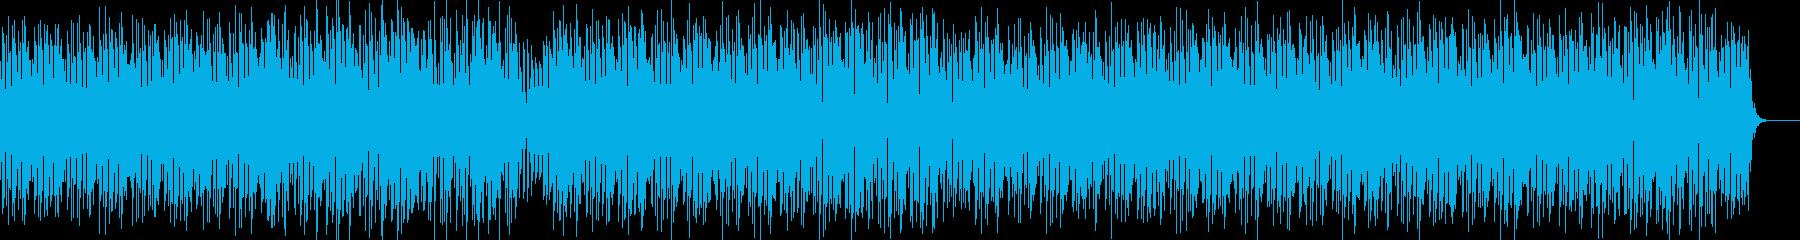 ゲームステージ チュートリアル リード無の再生済みの波形